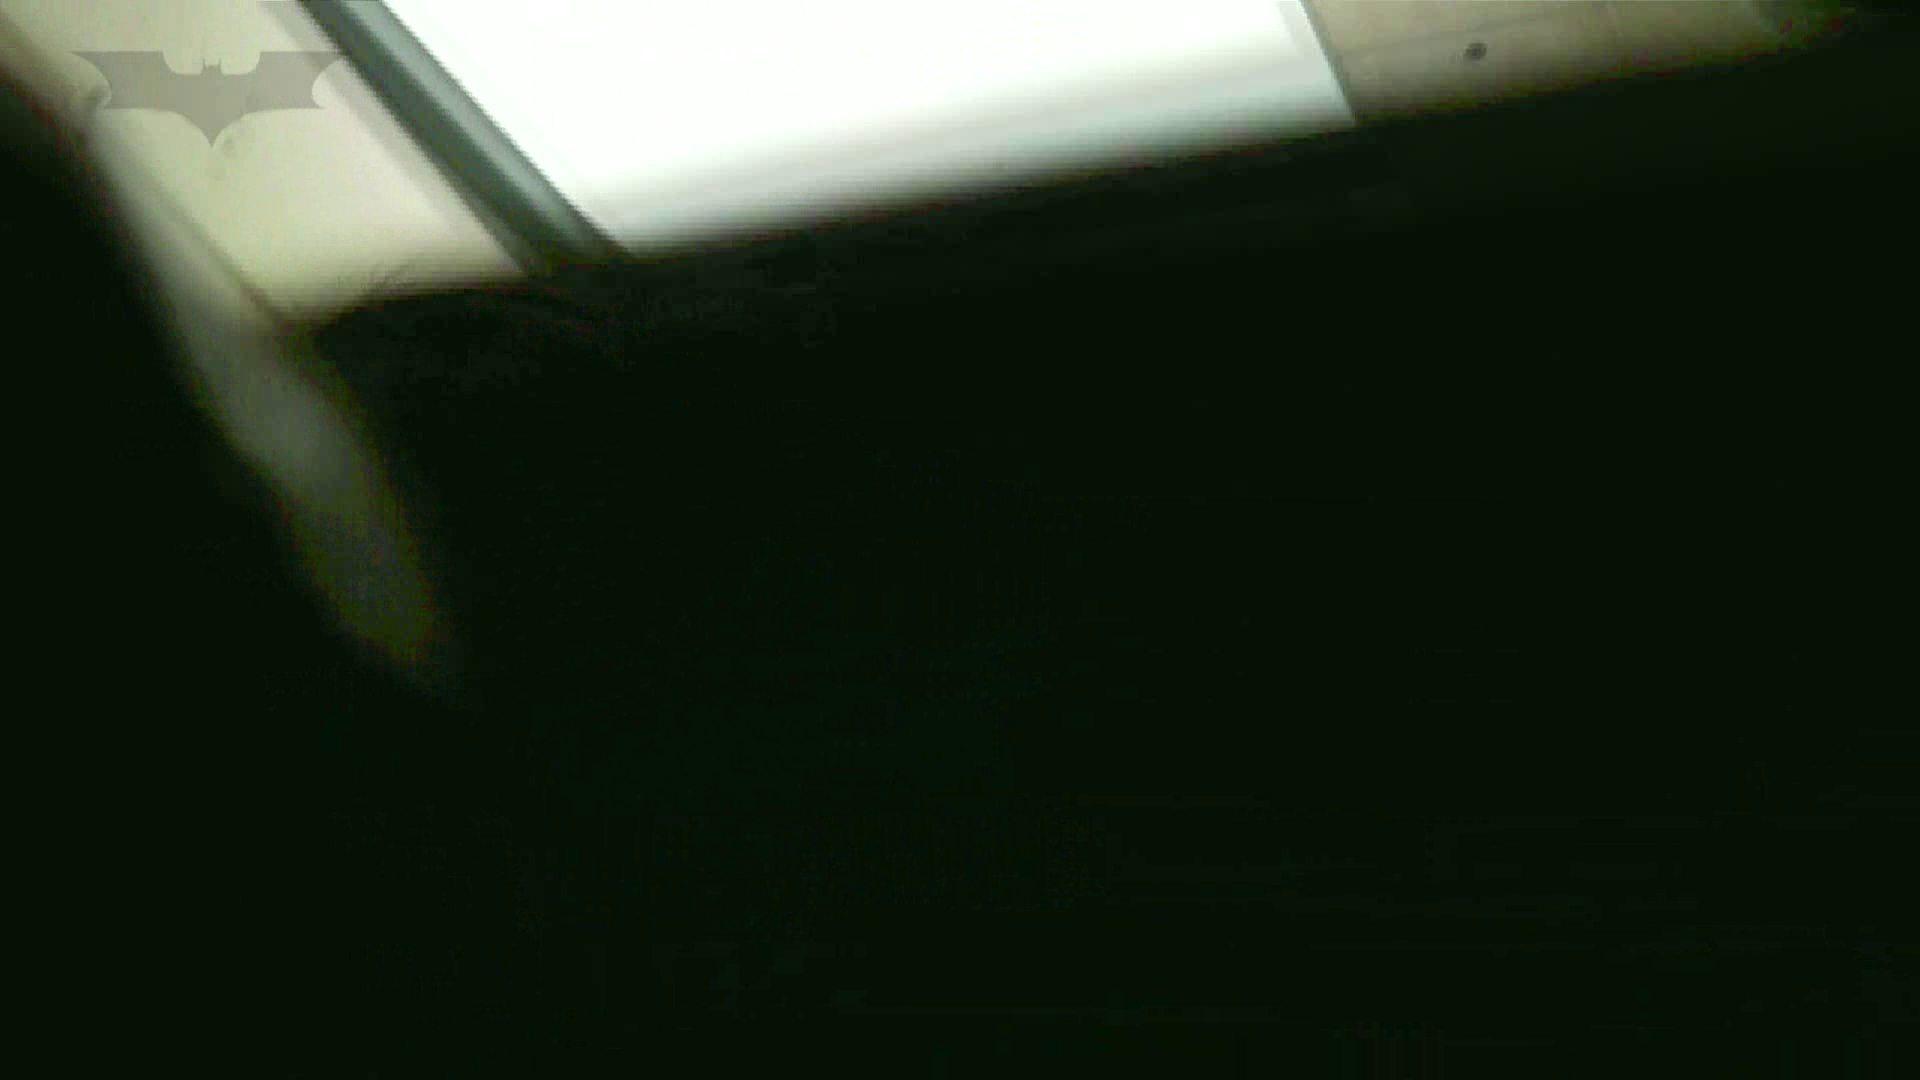 ステーション編 vol.29 頭二つ飛び出る180cm長身モデル お姉さんのSEX オマンコ無修正動画無料 111枚 43